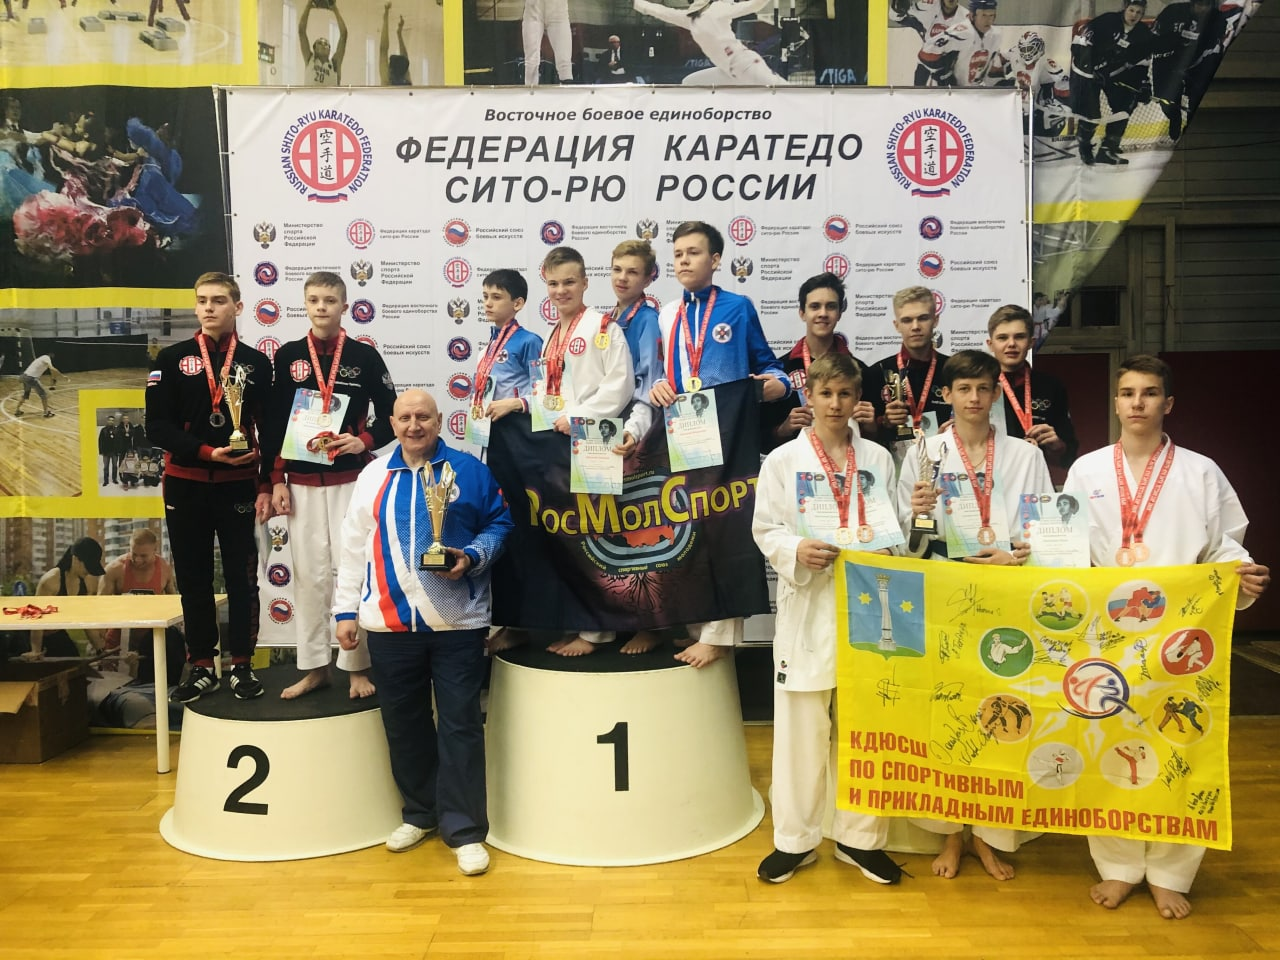 Коломенские борцы завоевали медали на Всероссийских соревнованиях